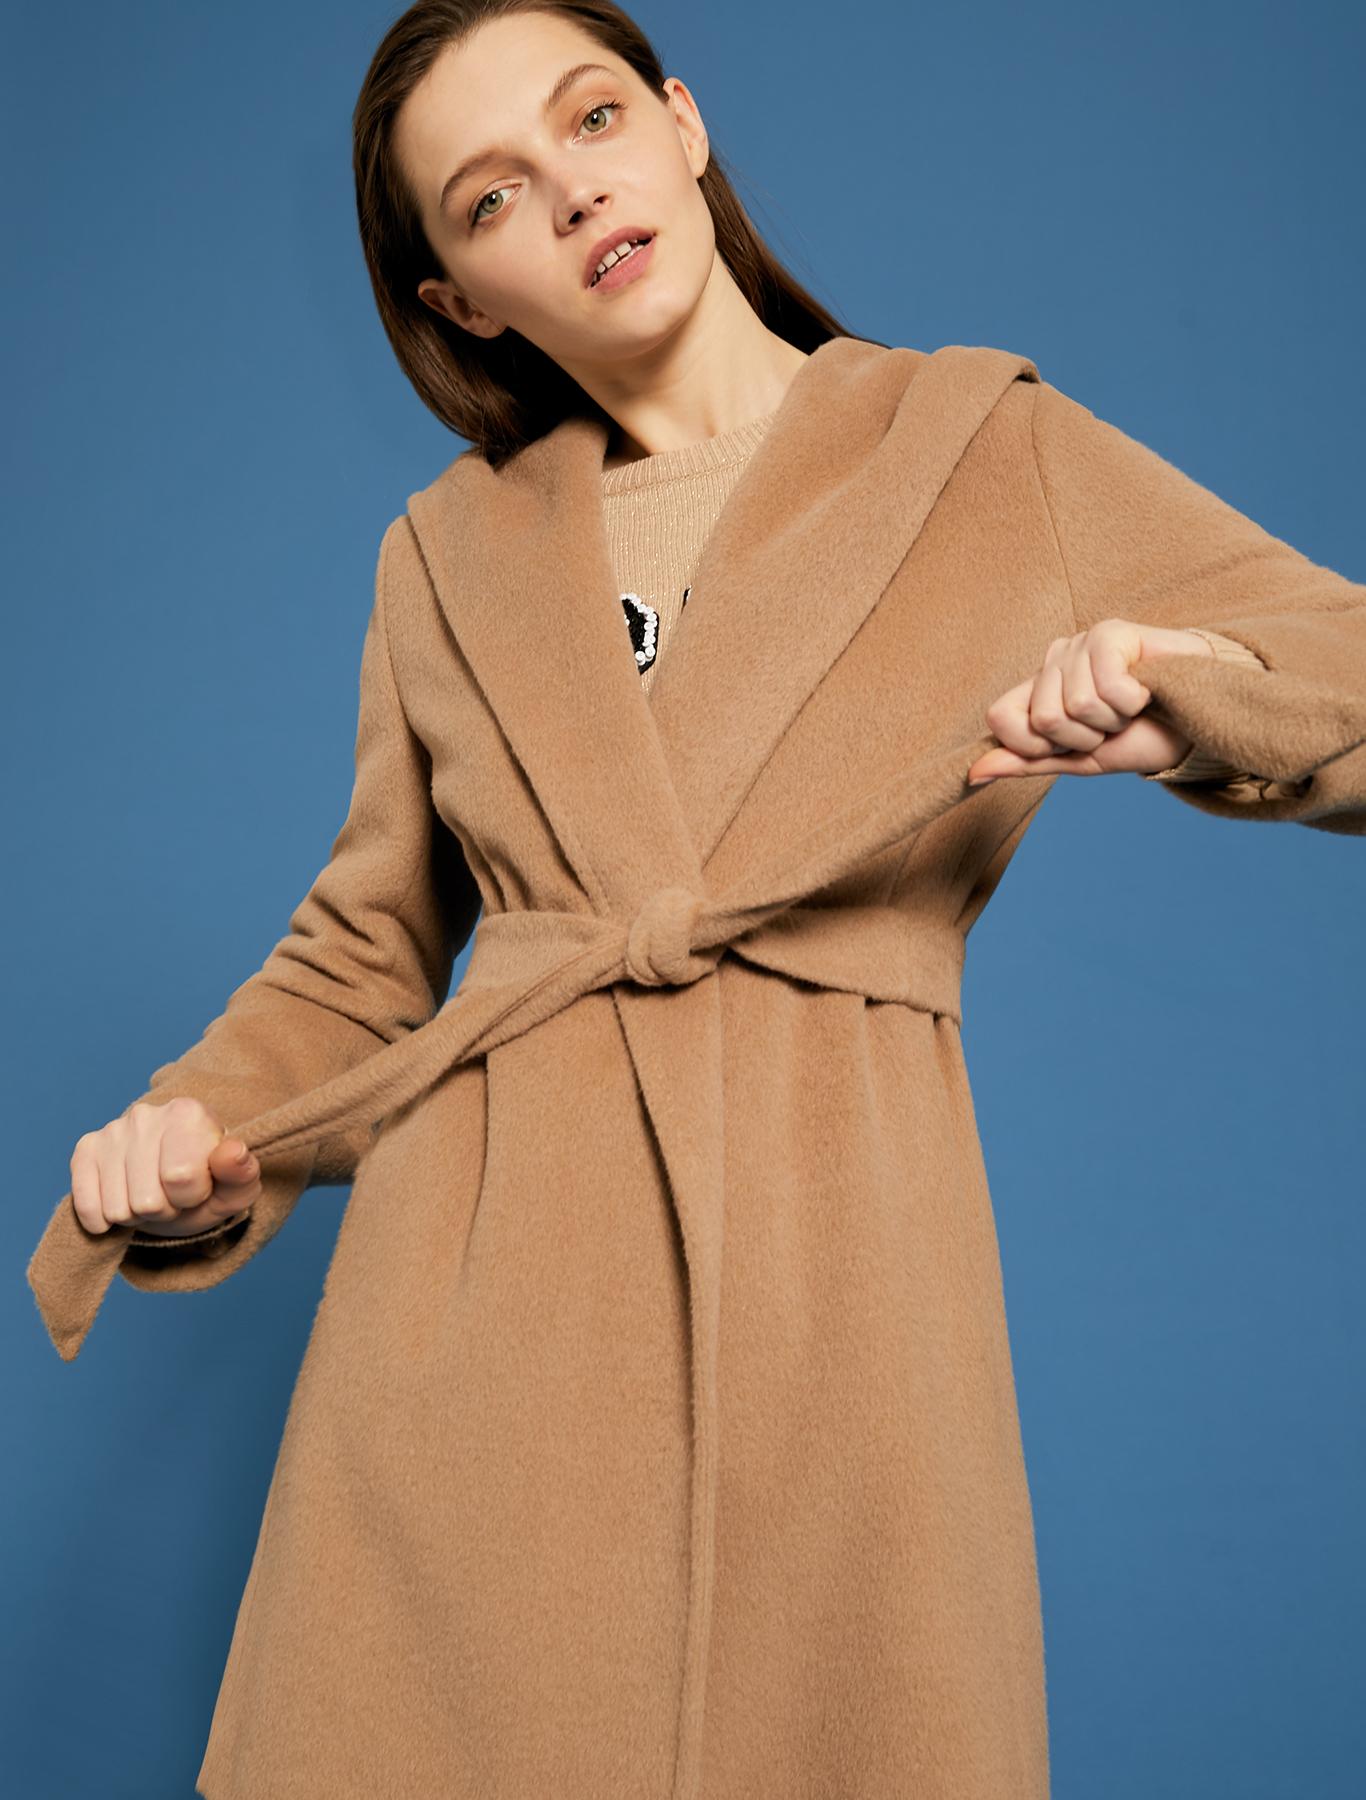 Cappotto corto a vestaglia color cammello prezzo 369 euro modello Alassio